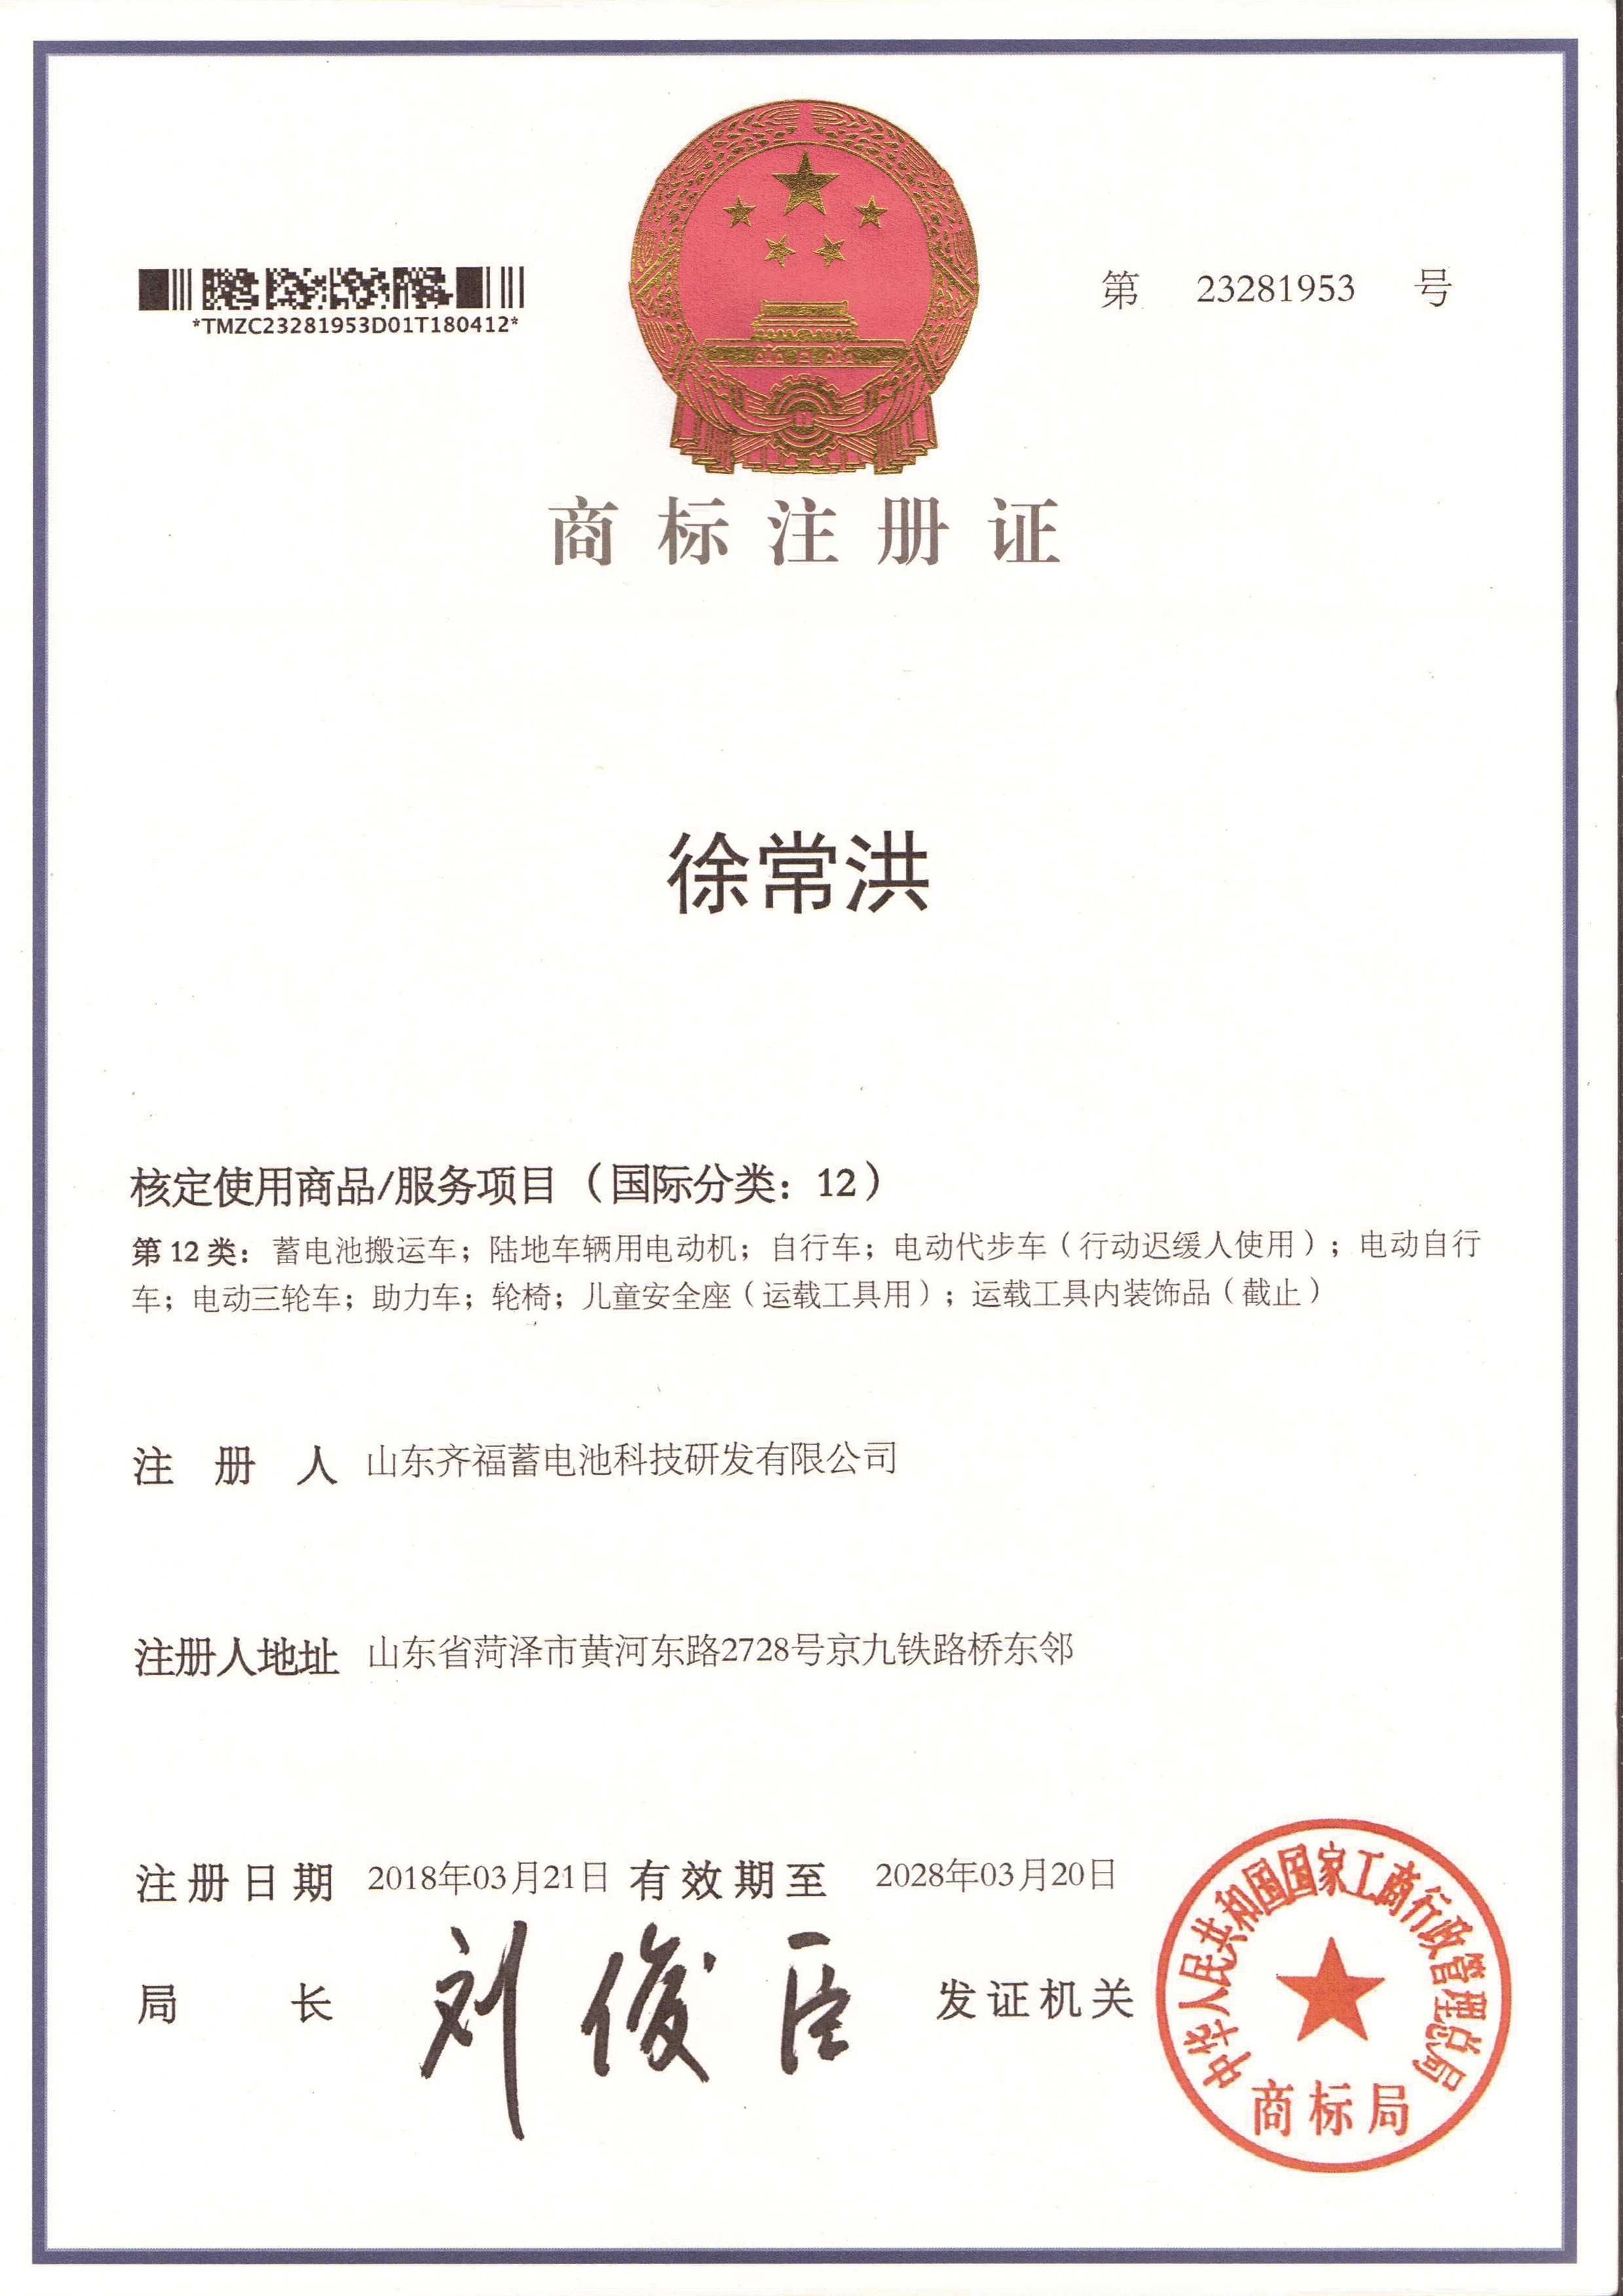 徐常洪注册商标12类